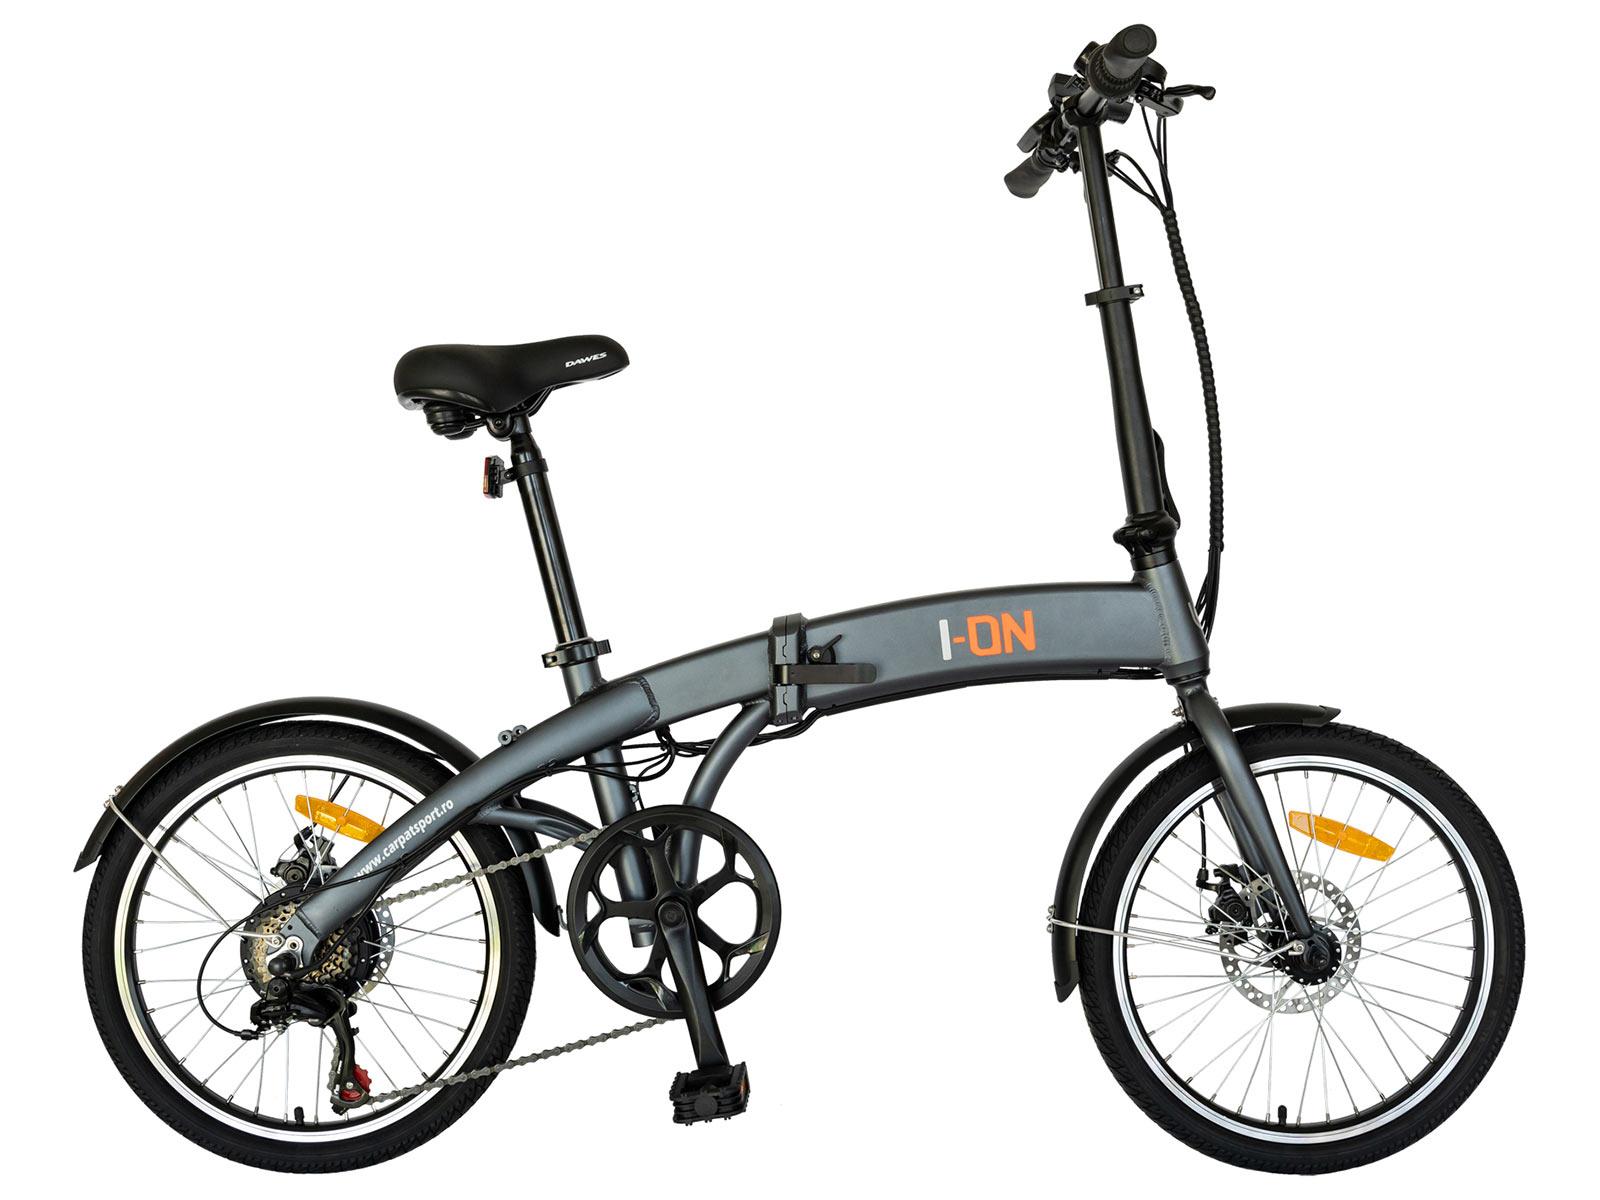 Ηλεκτρικό Ποδήλατο Carpat I-ON I1004E Αναδιπλούμενο